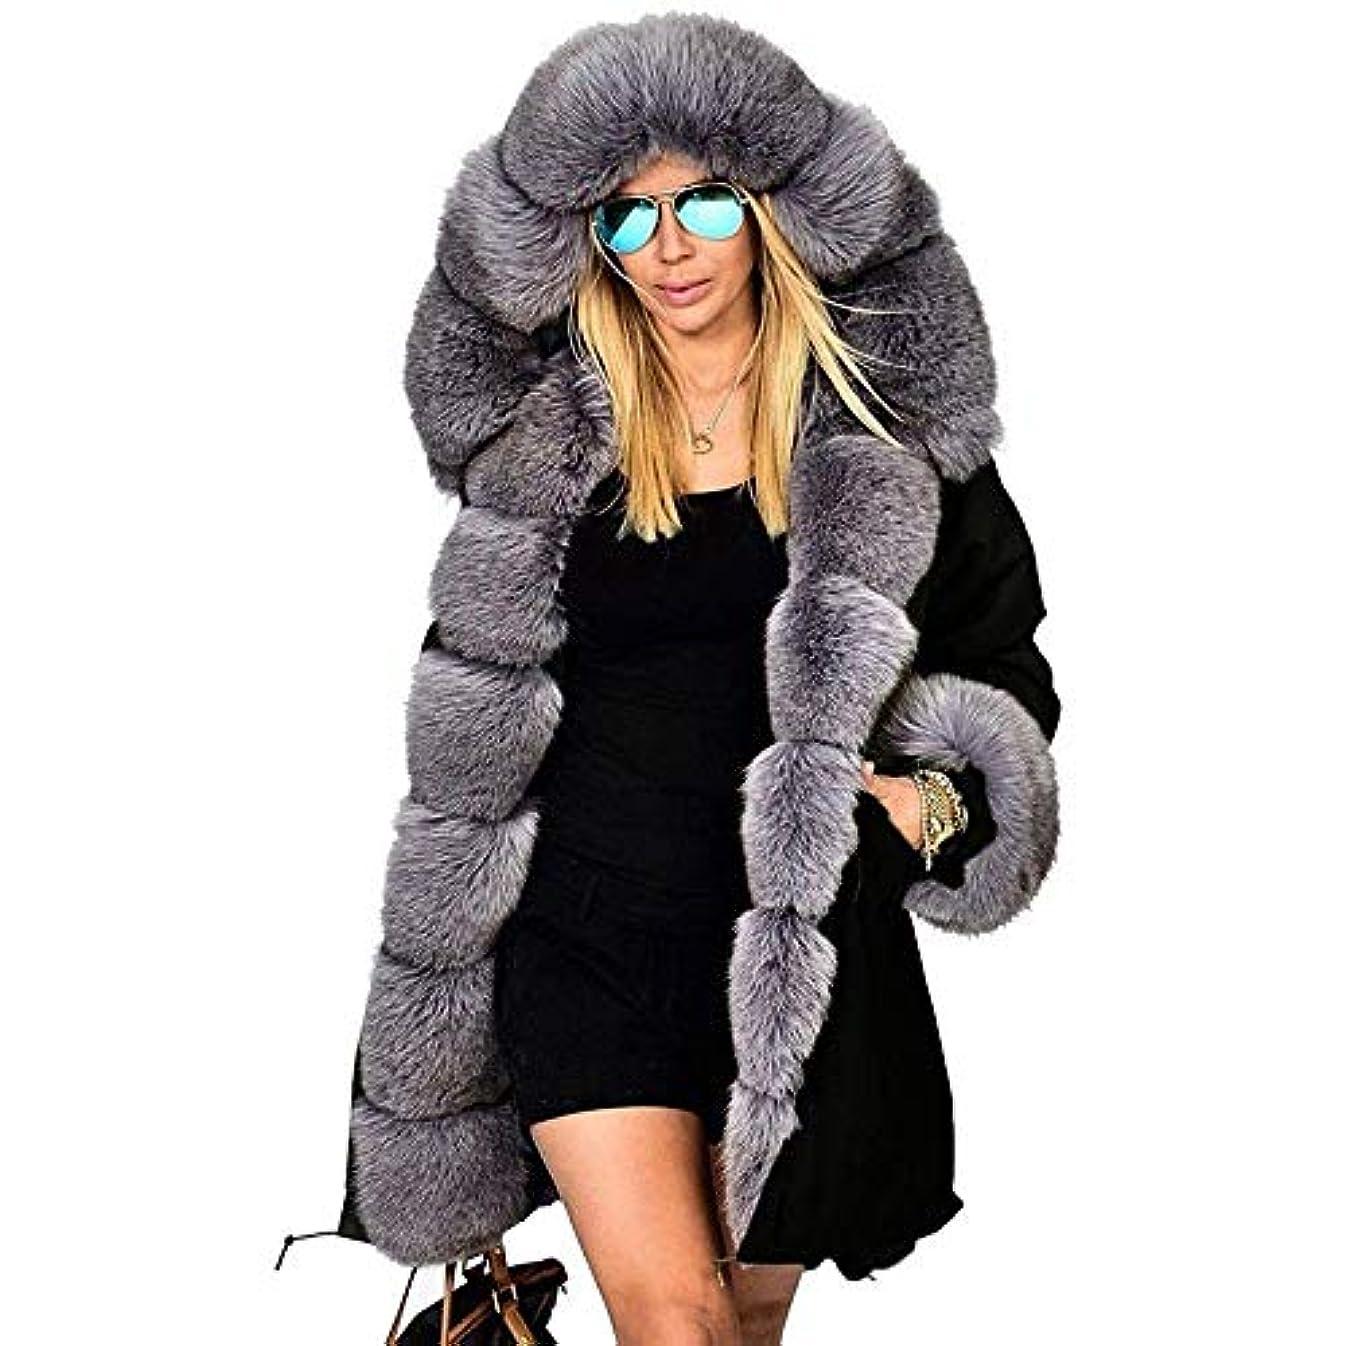 請求書赤字ただやるファッションウィメンズジャケット女性ウォームコートフェイクファーコットンオーバーコート女性ロングフードコートパーカー,XXL